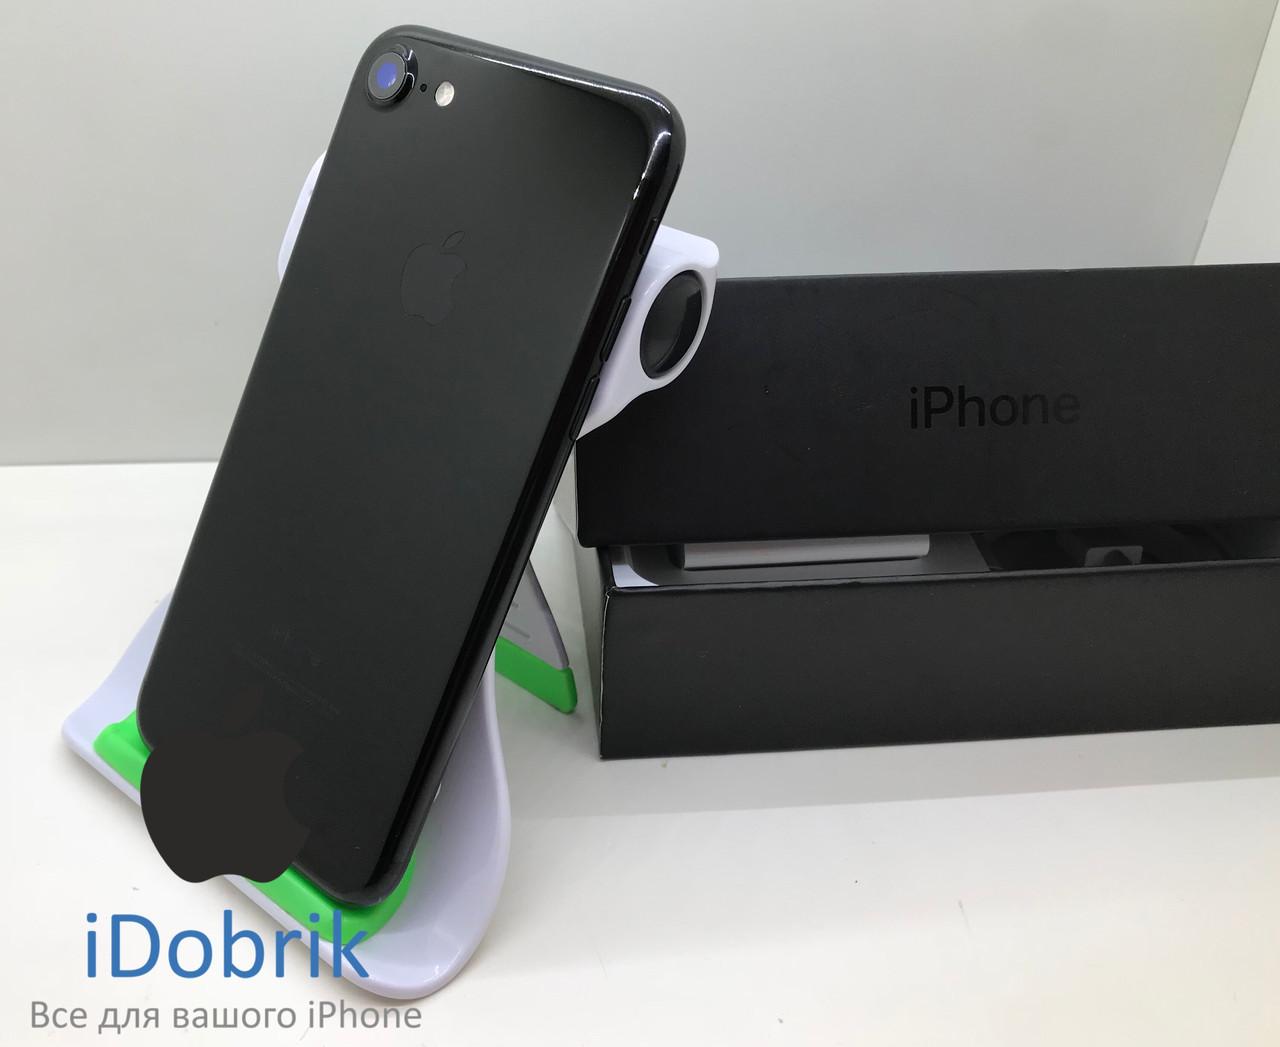 Б/У iPhone 7 128gb Jet Black Neverlock 9/10